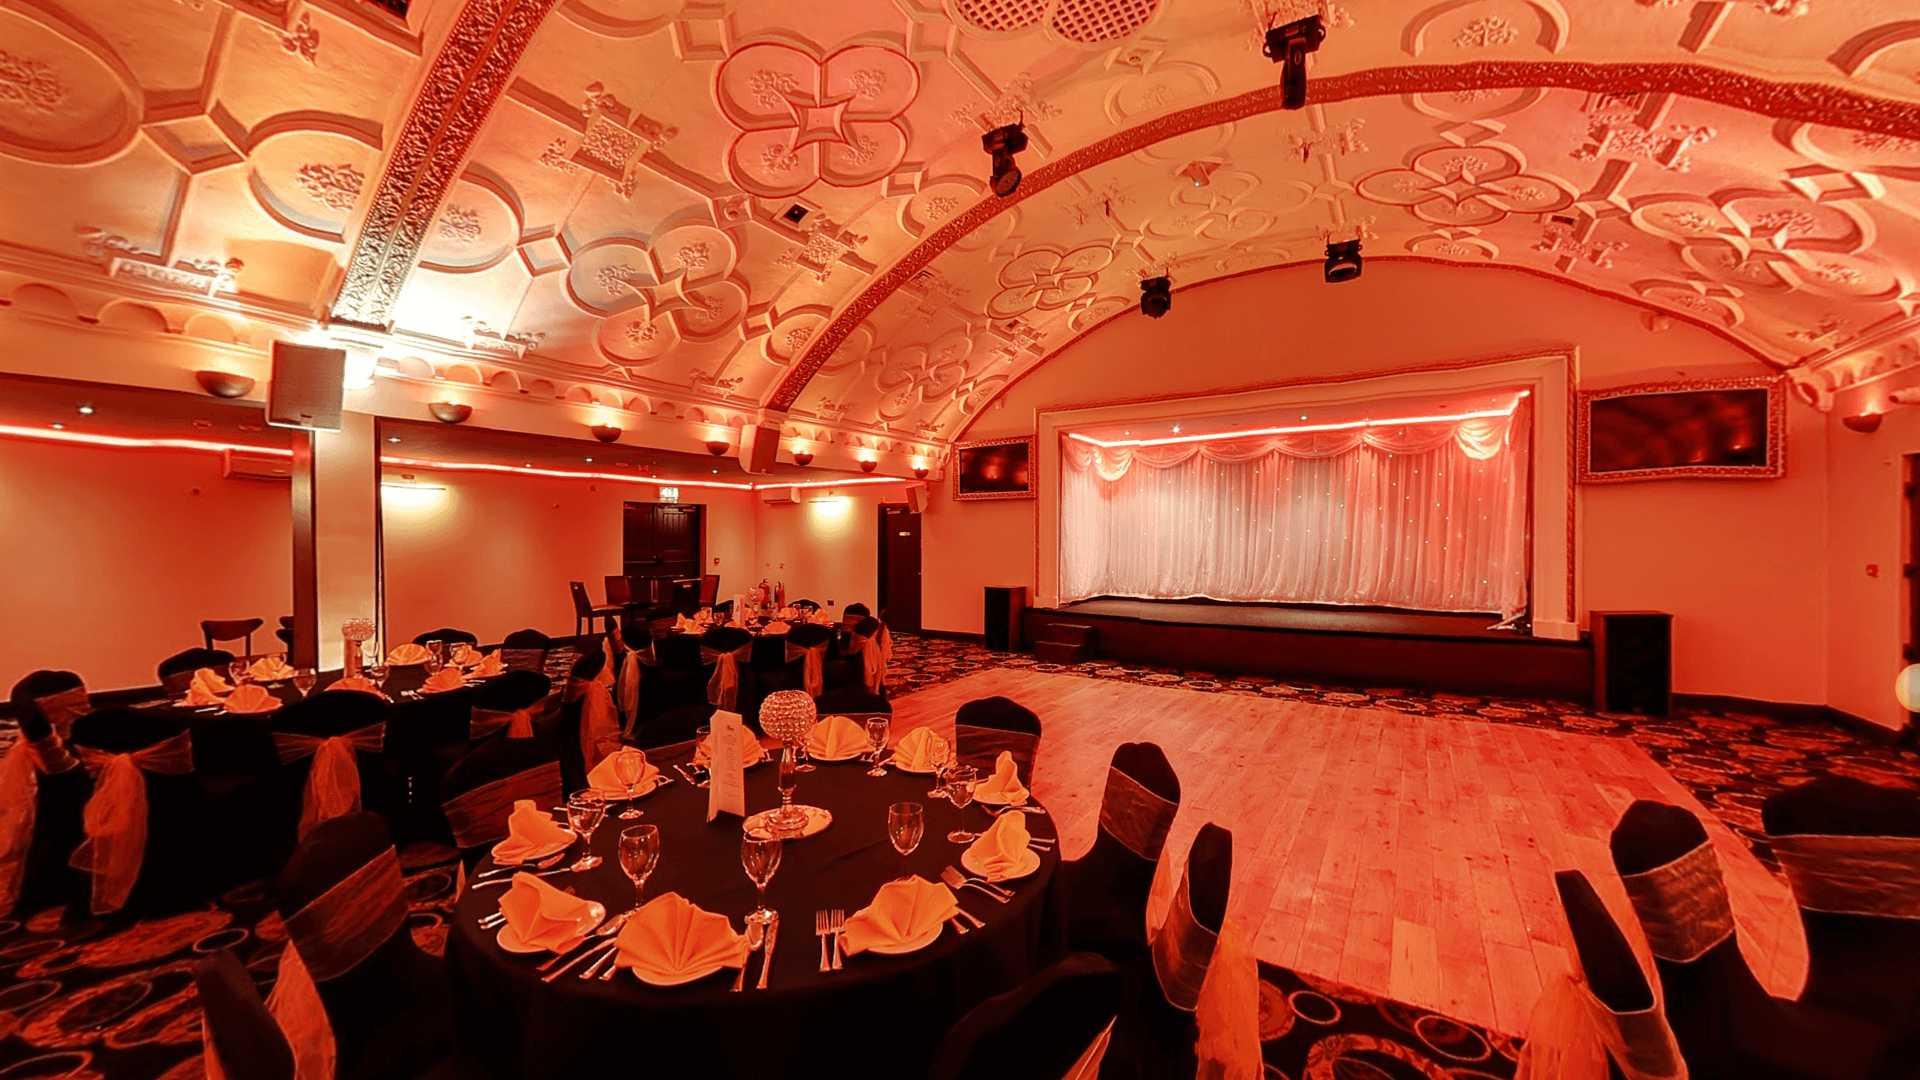 the Venue5 event location